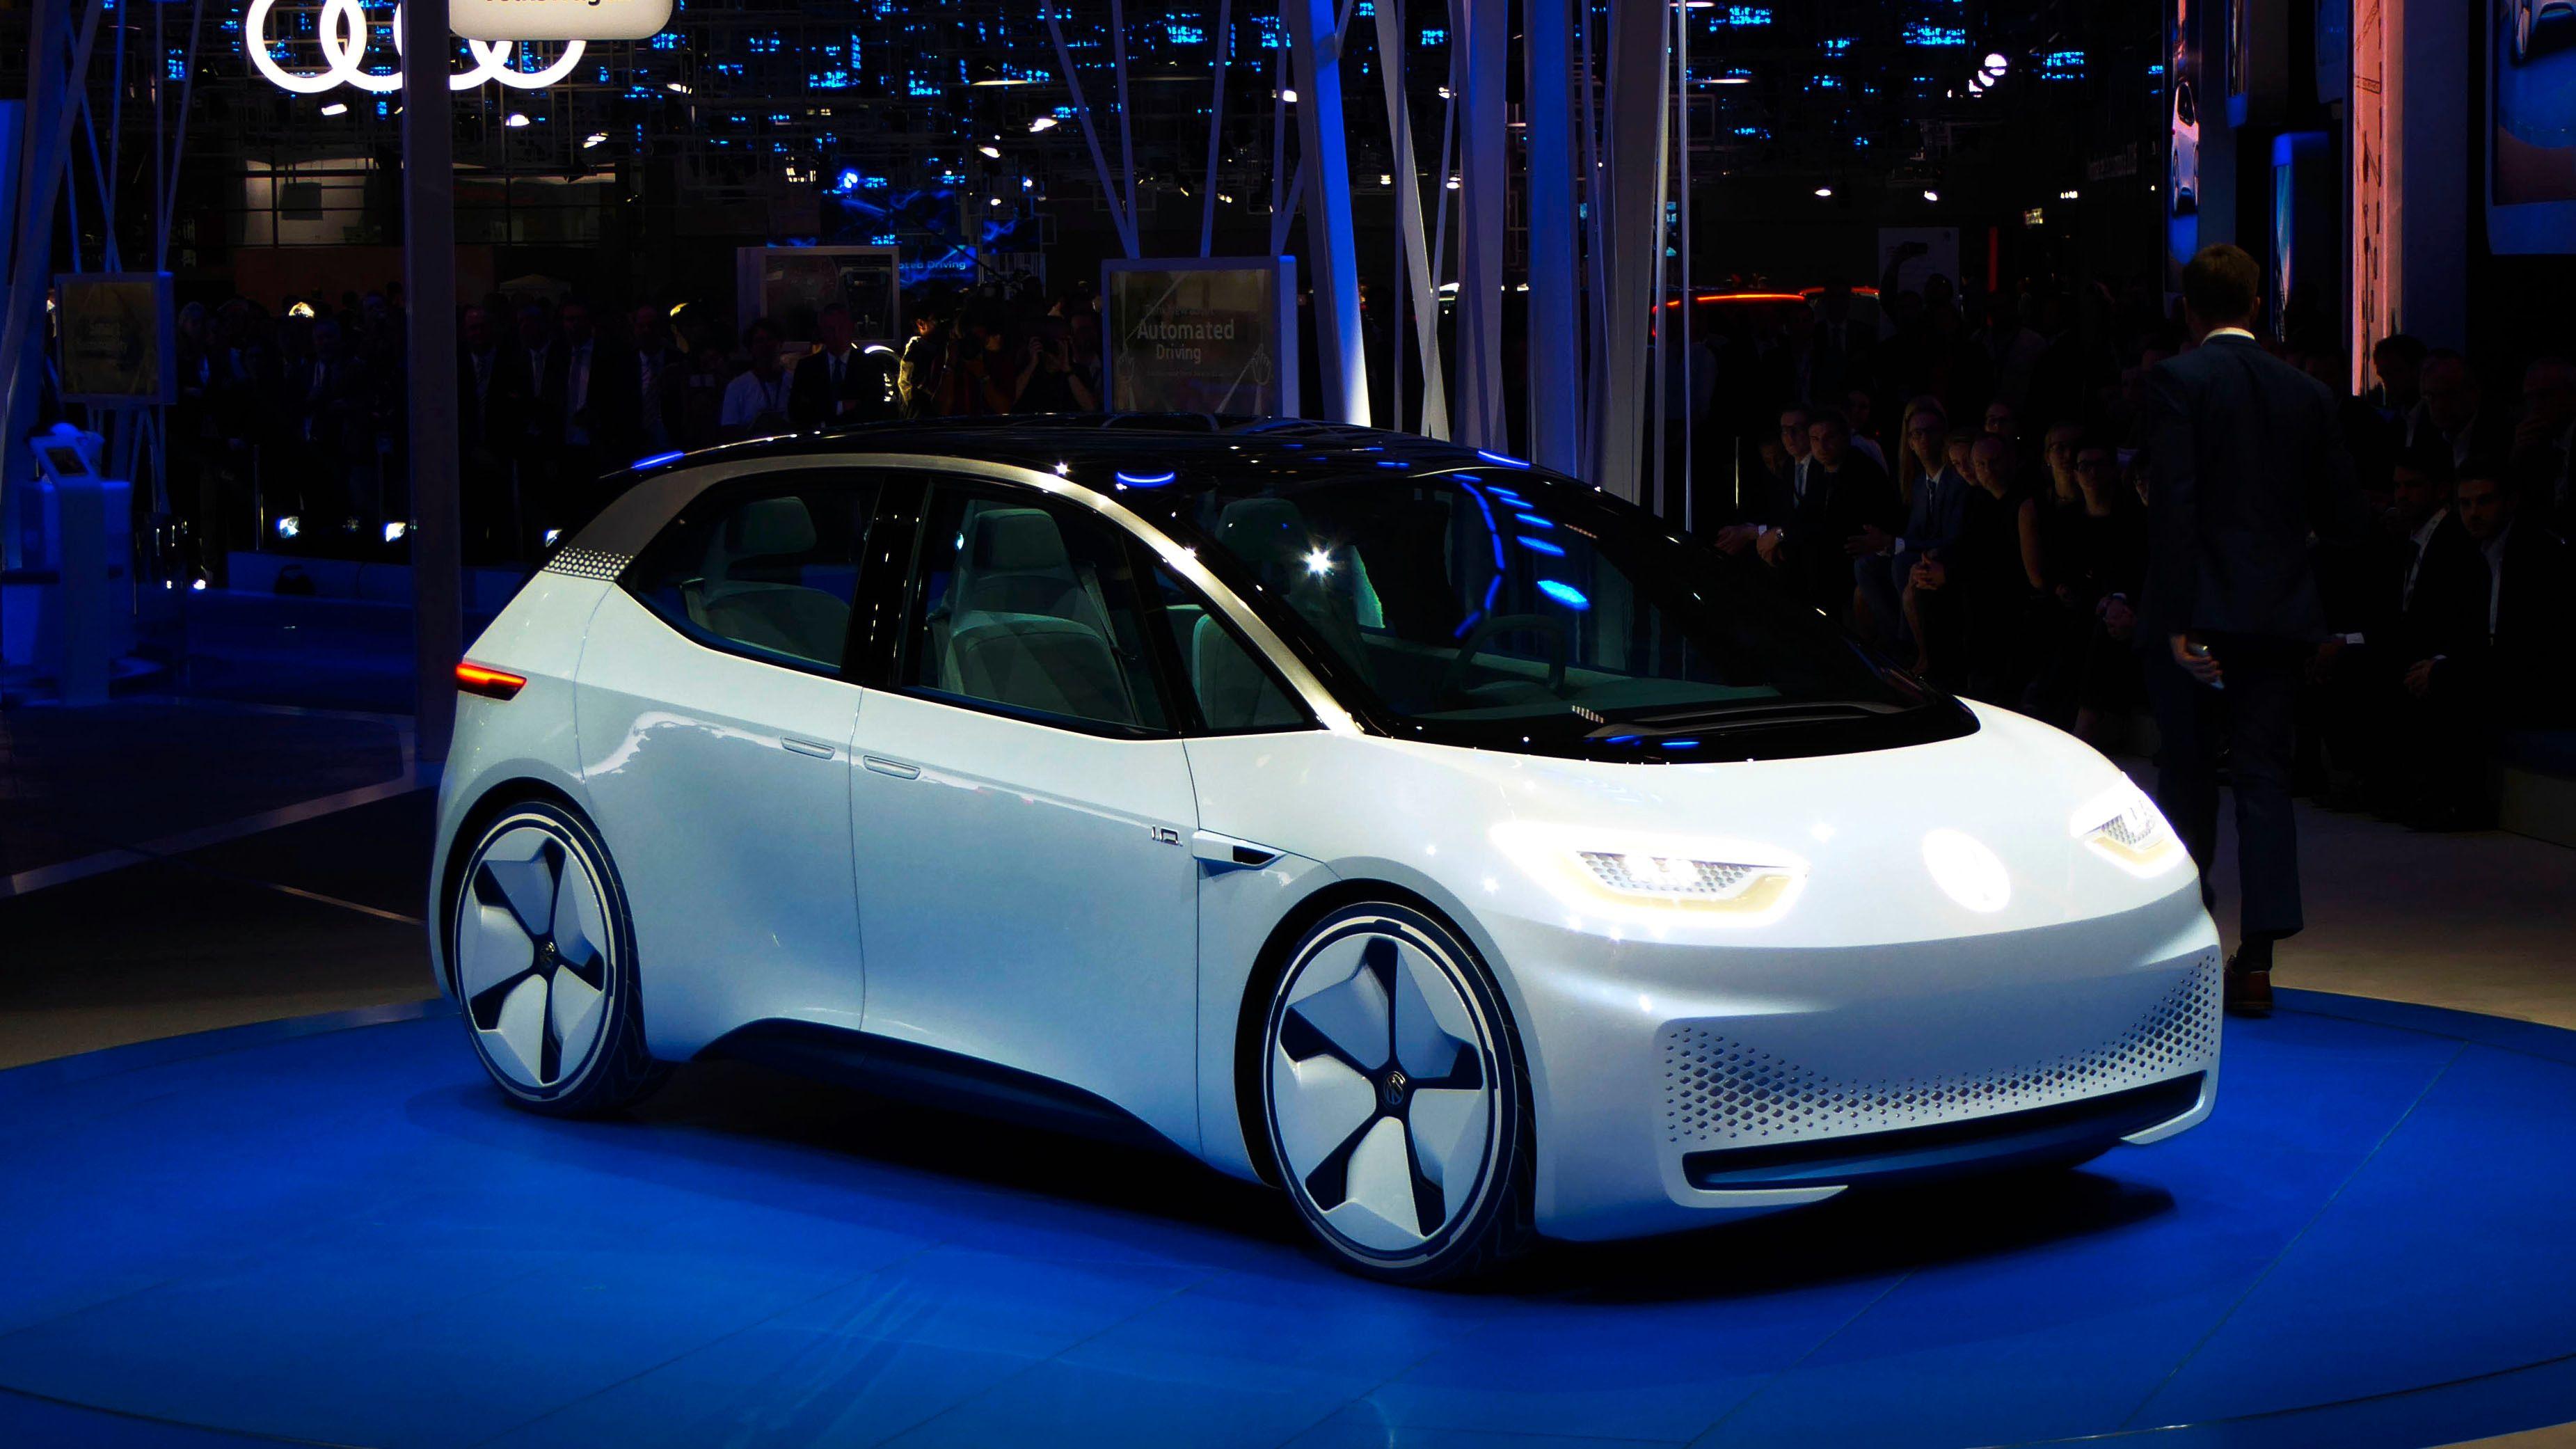 Spar En Startpris For Volkswagens Nye Elbil Pa Godt Under 300 000 Kroner Tek No